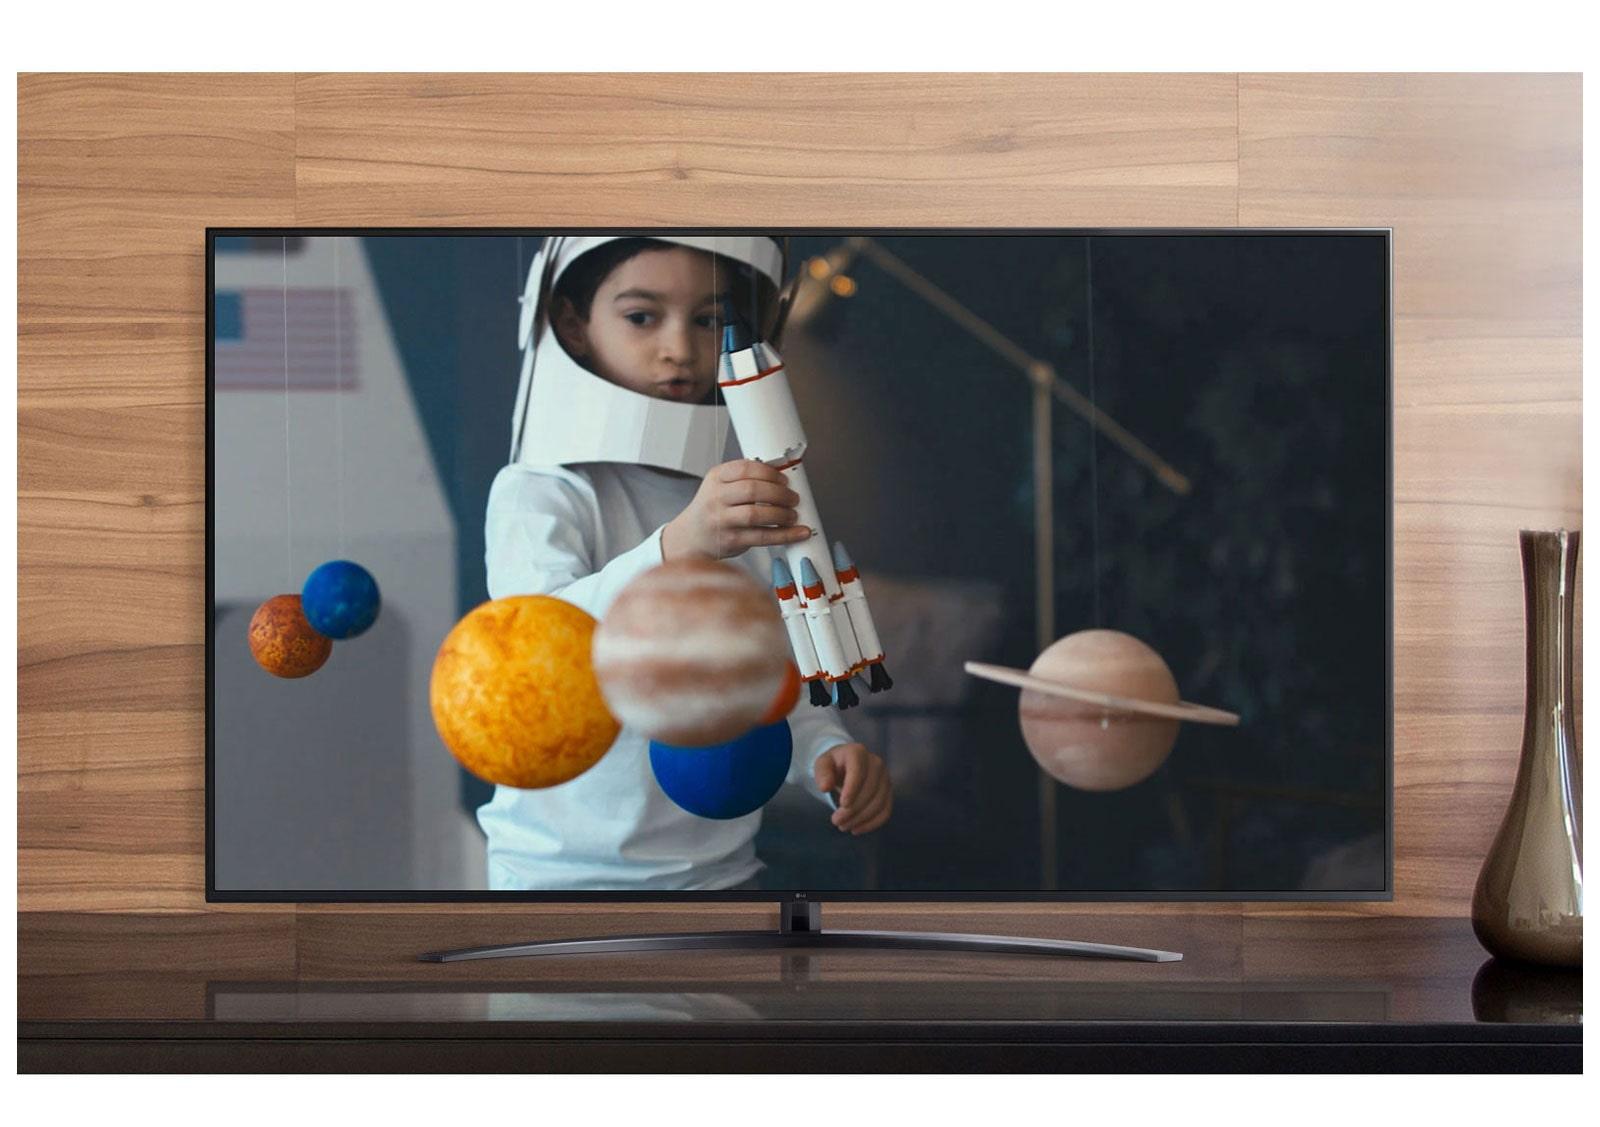 La pantalla de un televisor que reproduce un video de un niño con un traje de astronauta hecho por él, jugando con una nave espacial en su habitación decorada con miniaturas de planetas (reproducir el video)